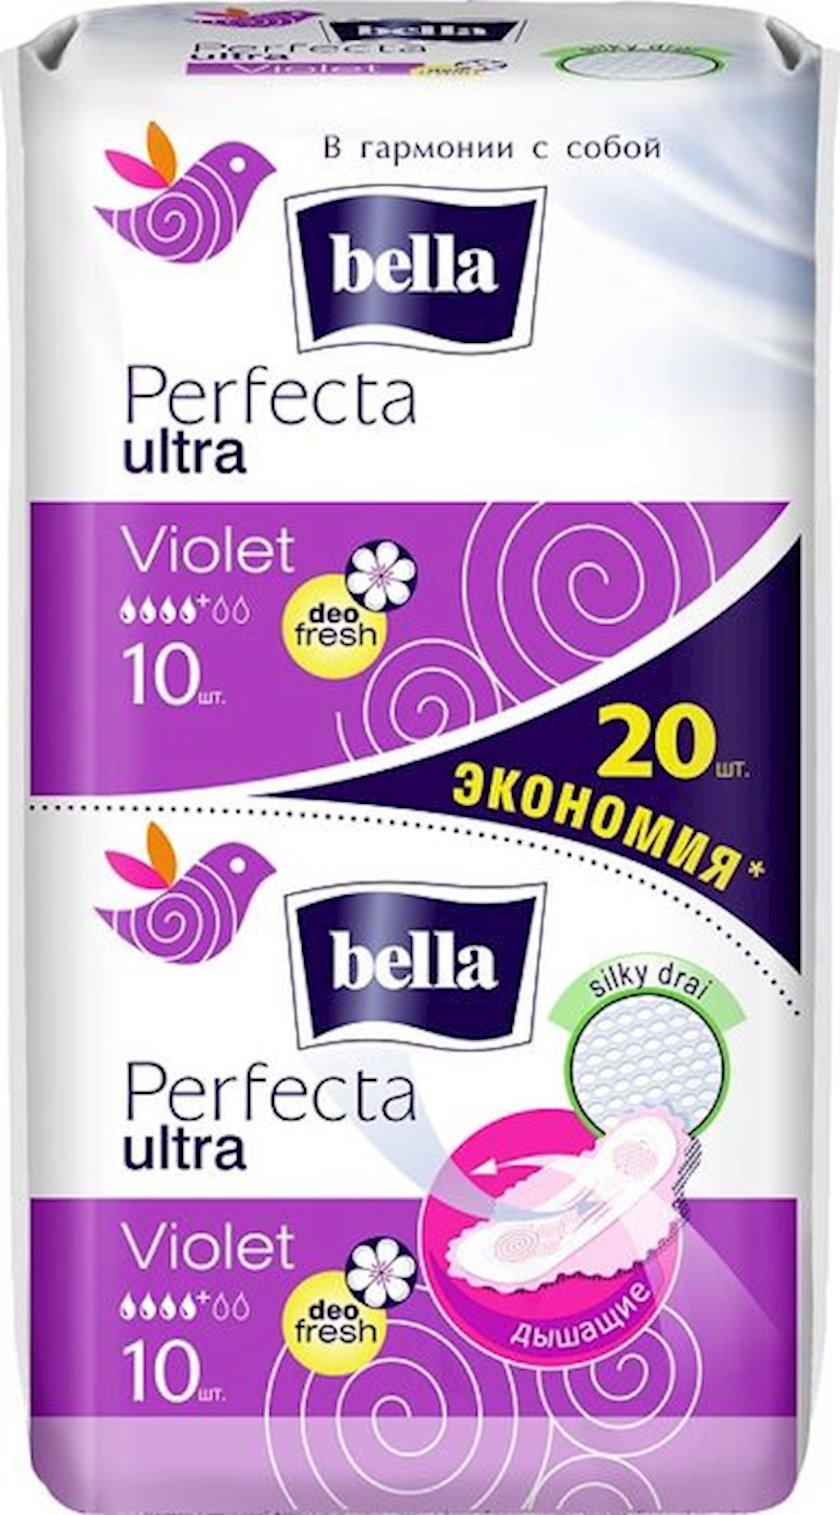 Gigiyenik bezlər Bella Perfecta Ultra Violet Deo Fresh, 10+10 əd